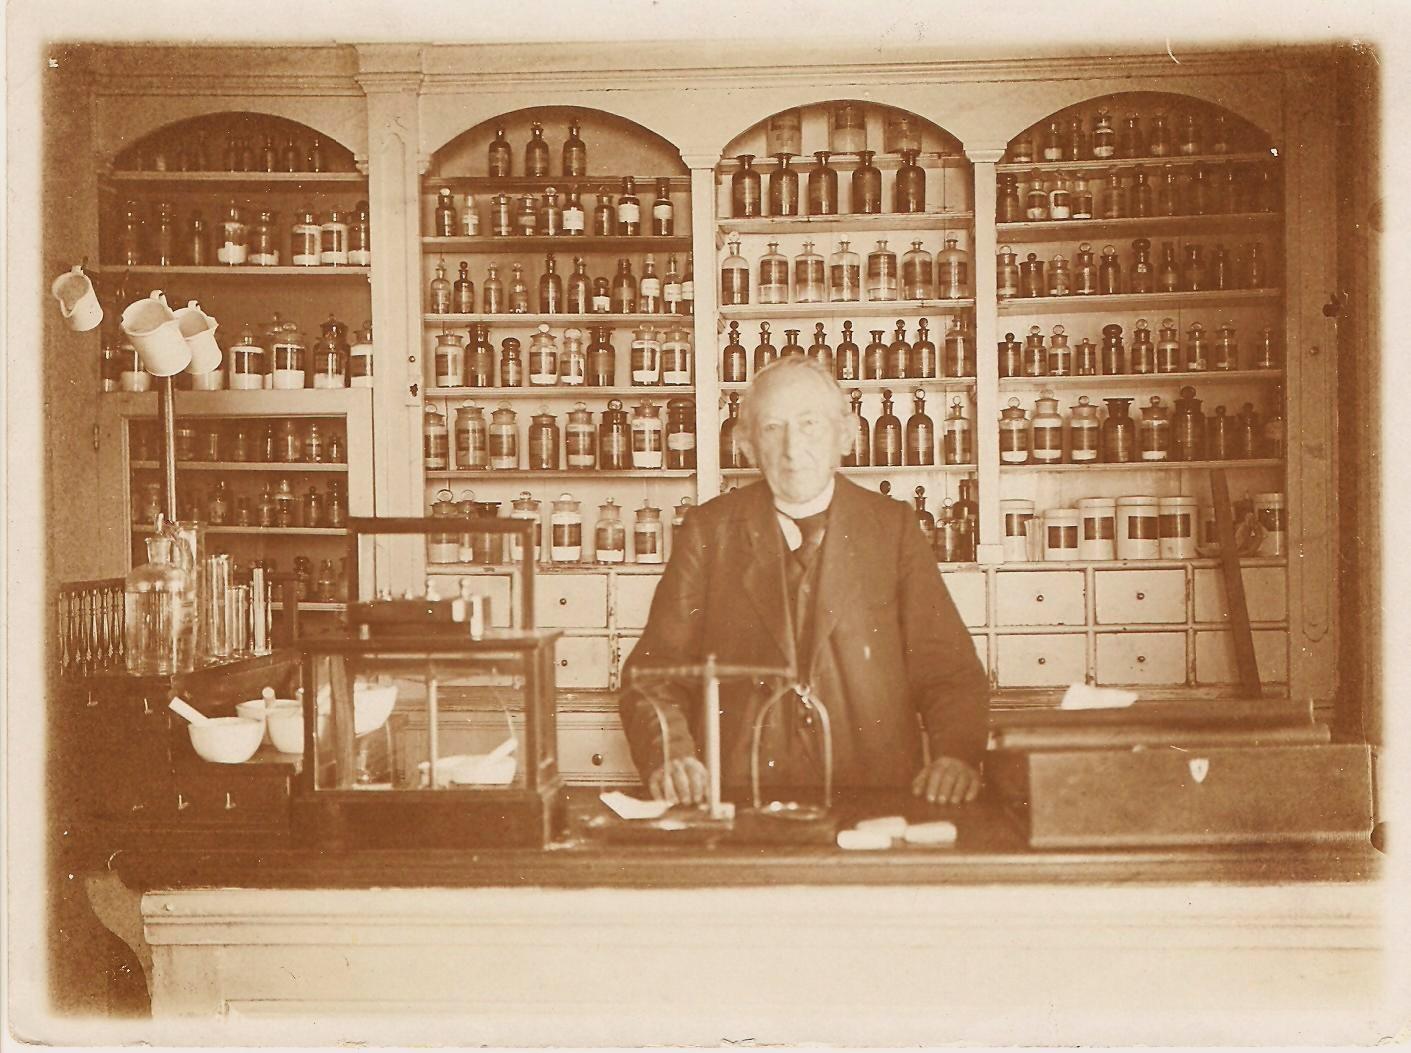 ebbersjanapothekeri-1858-1923